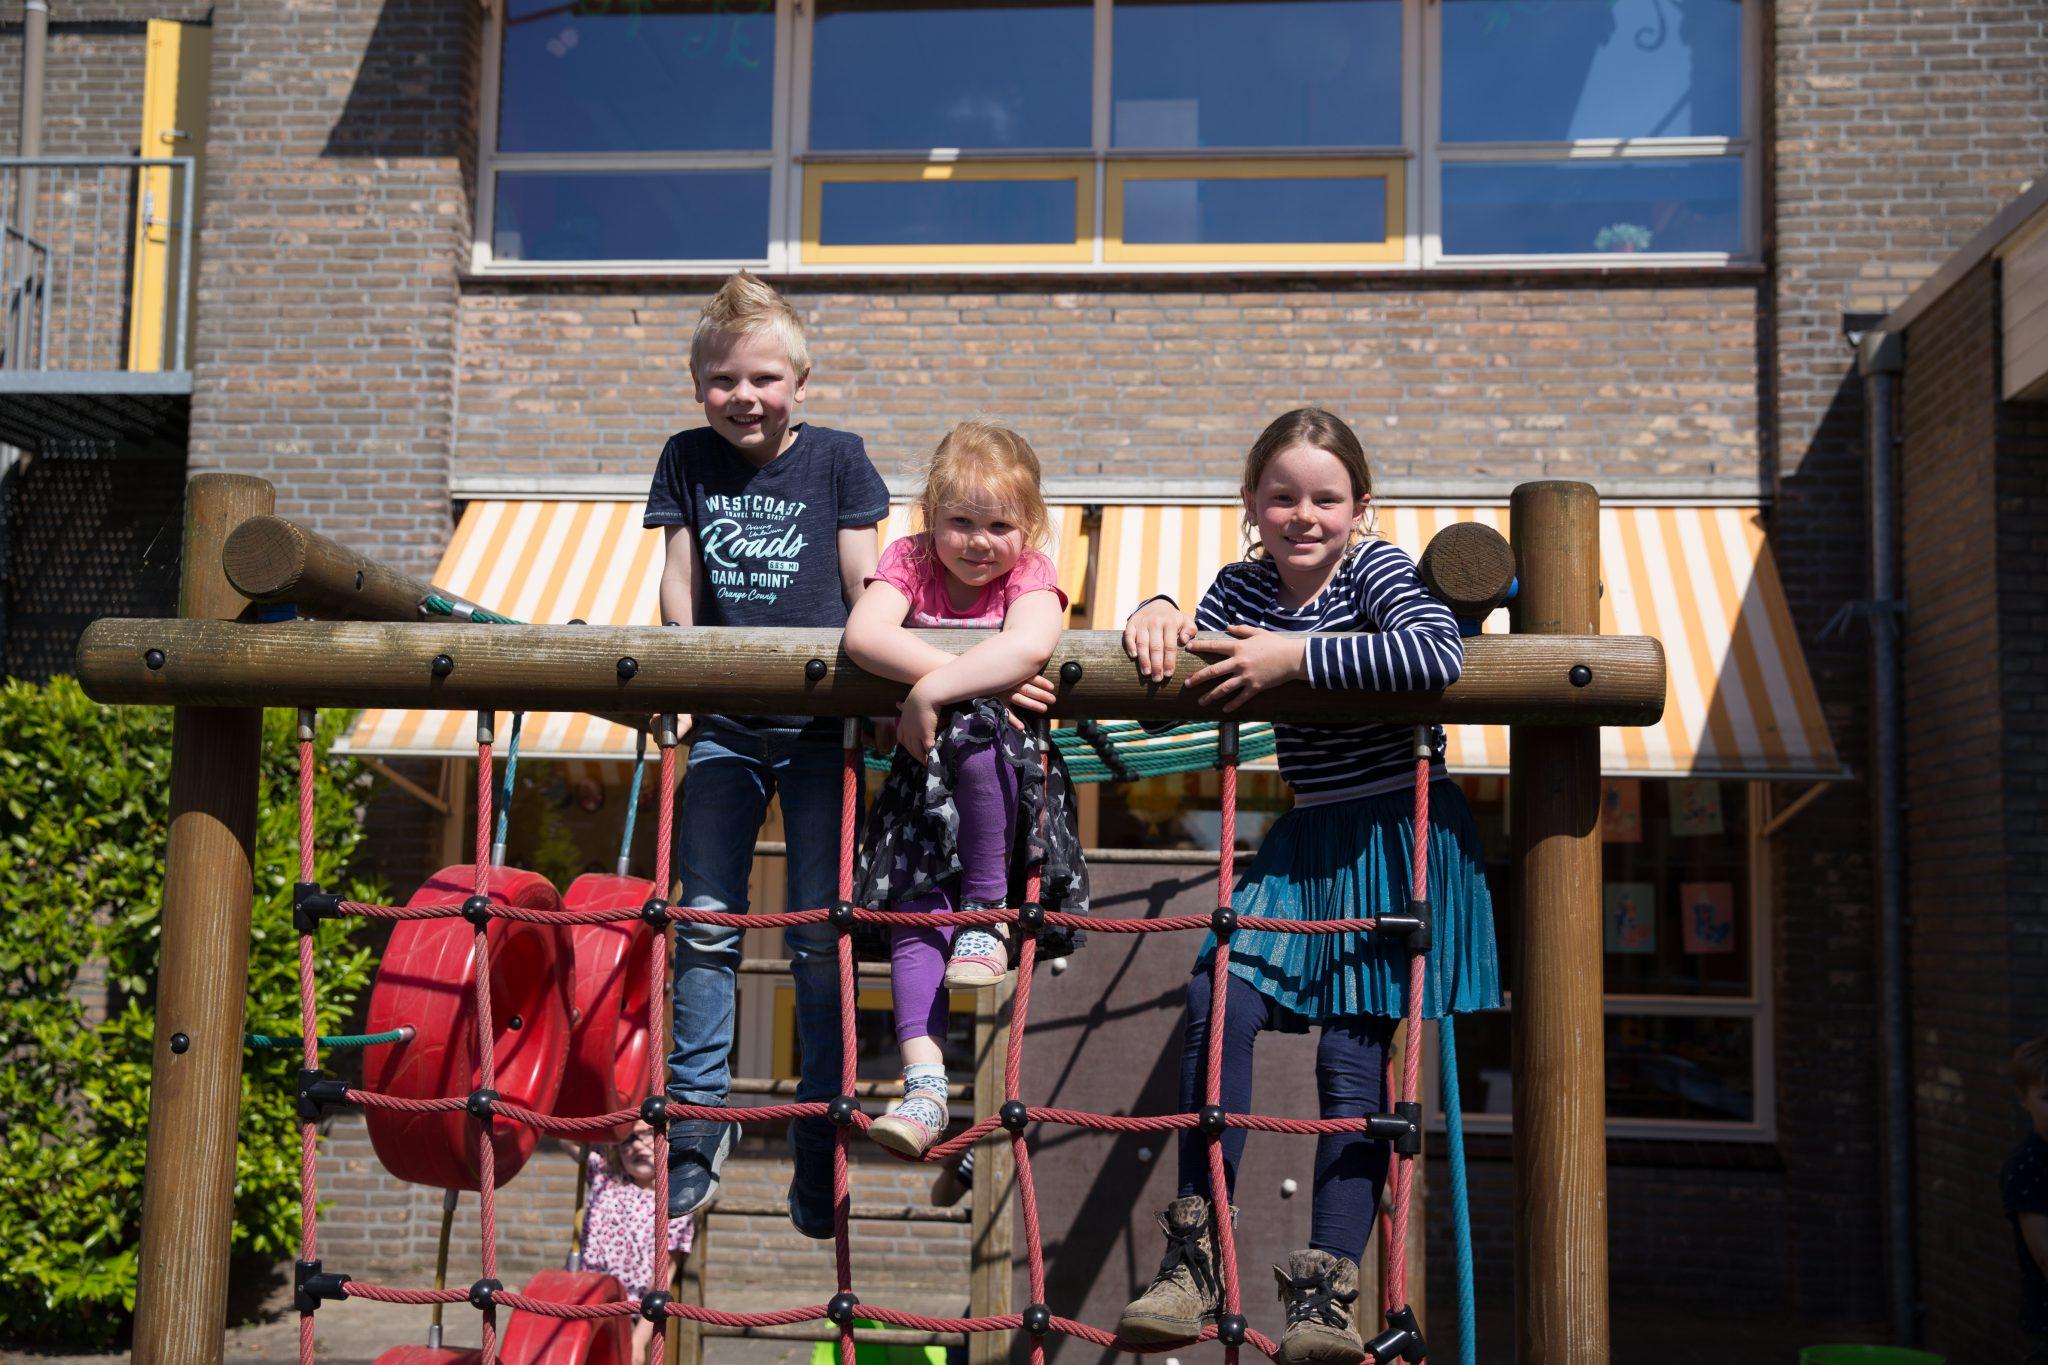 Kinderen klimmen op klimrek. De Oudercommissie adviseert over veiligheid op onze locaties.